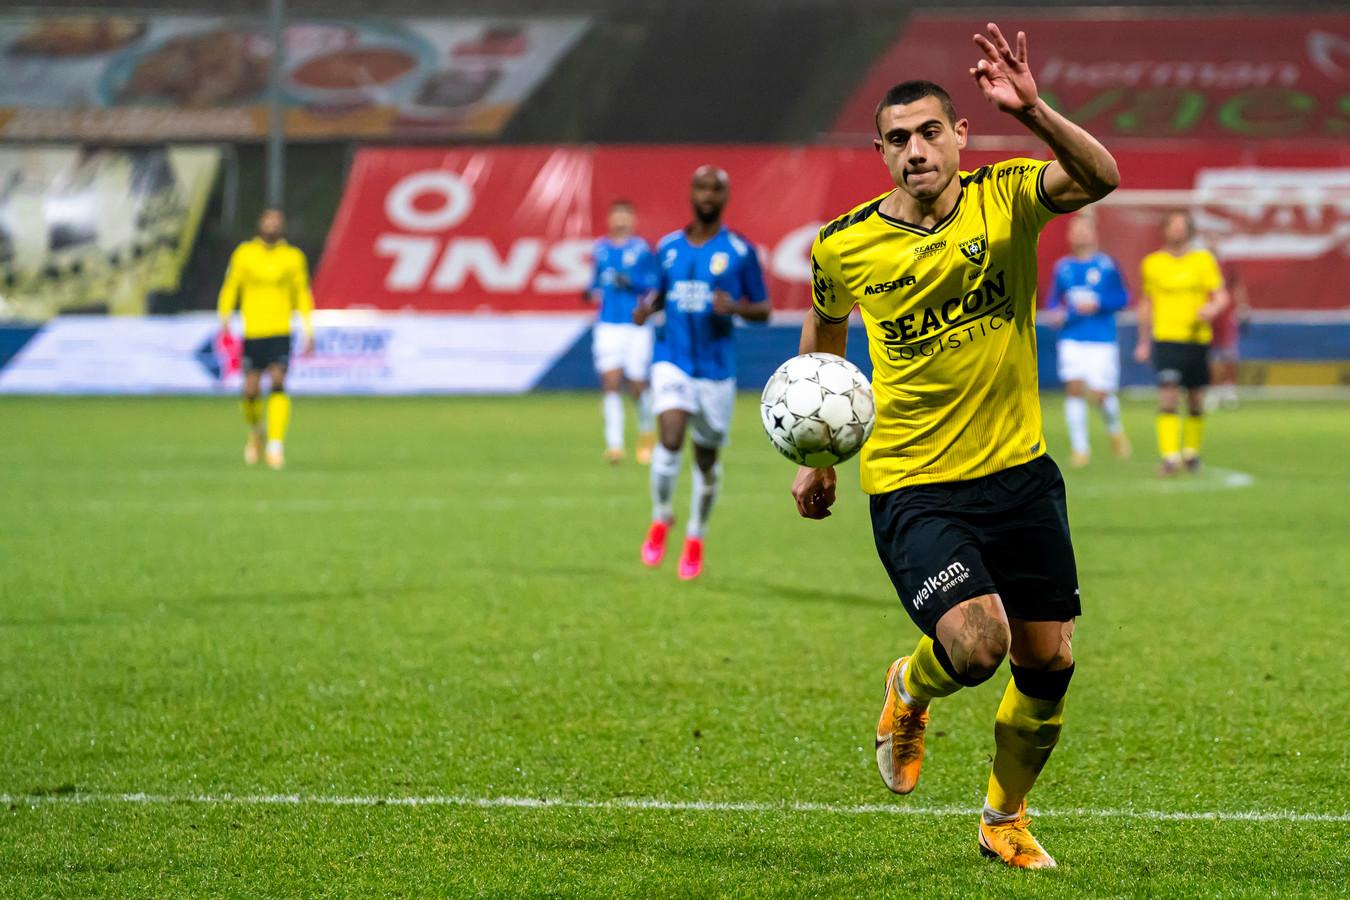 Georgios Giakoumakis maakte al 5 doelpunten tegen Vitesse dit seizoen.